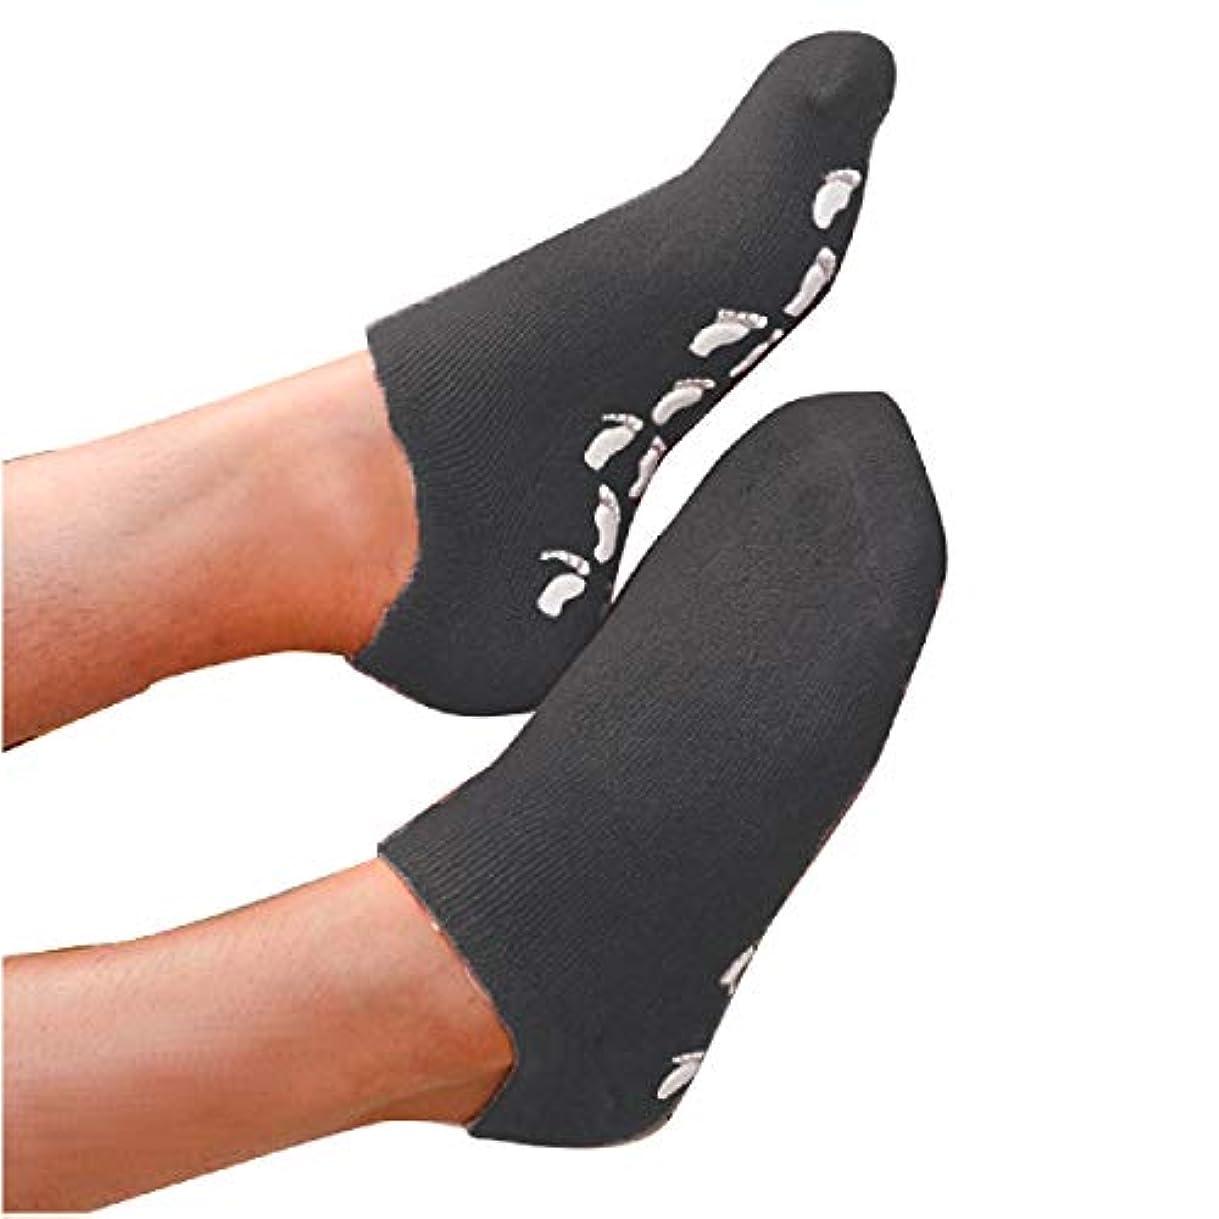 ローブ政治降臨S&E かかと 靴下 保湿 ソックス 美容成分 潤い ゲル付き 滑り止め 足裏 足の甲 ホホバオイル グレープシード ビタミンE ラベンダー ローズ (ブラック)